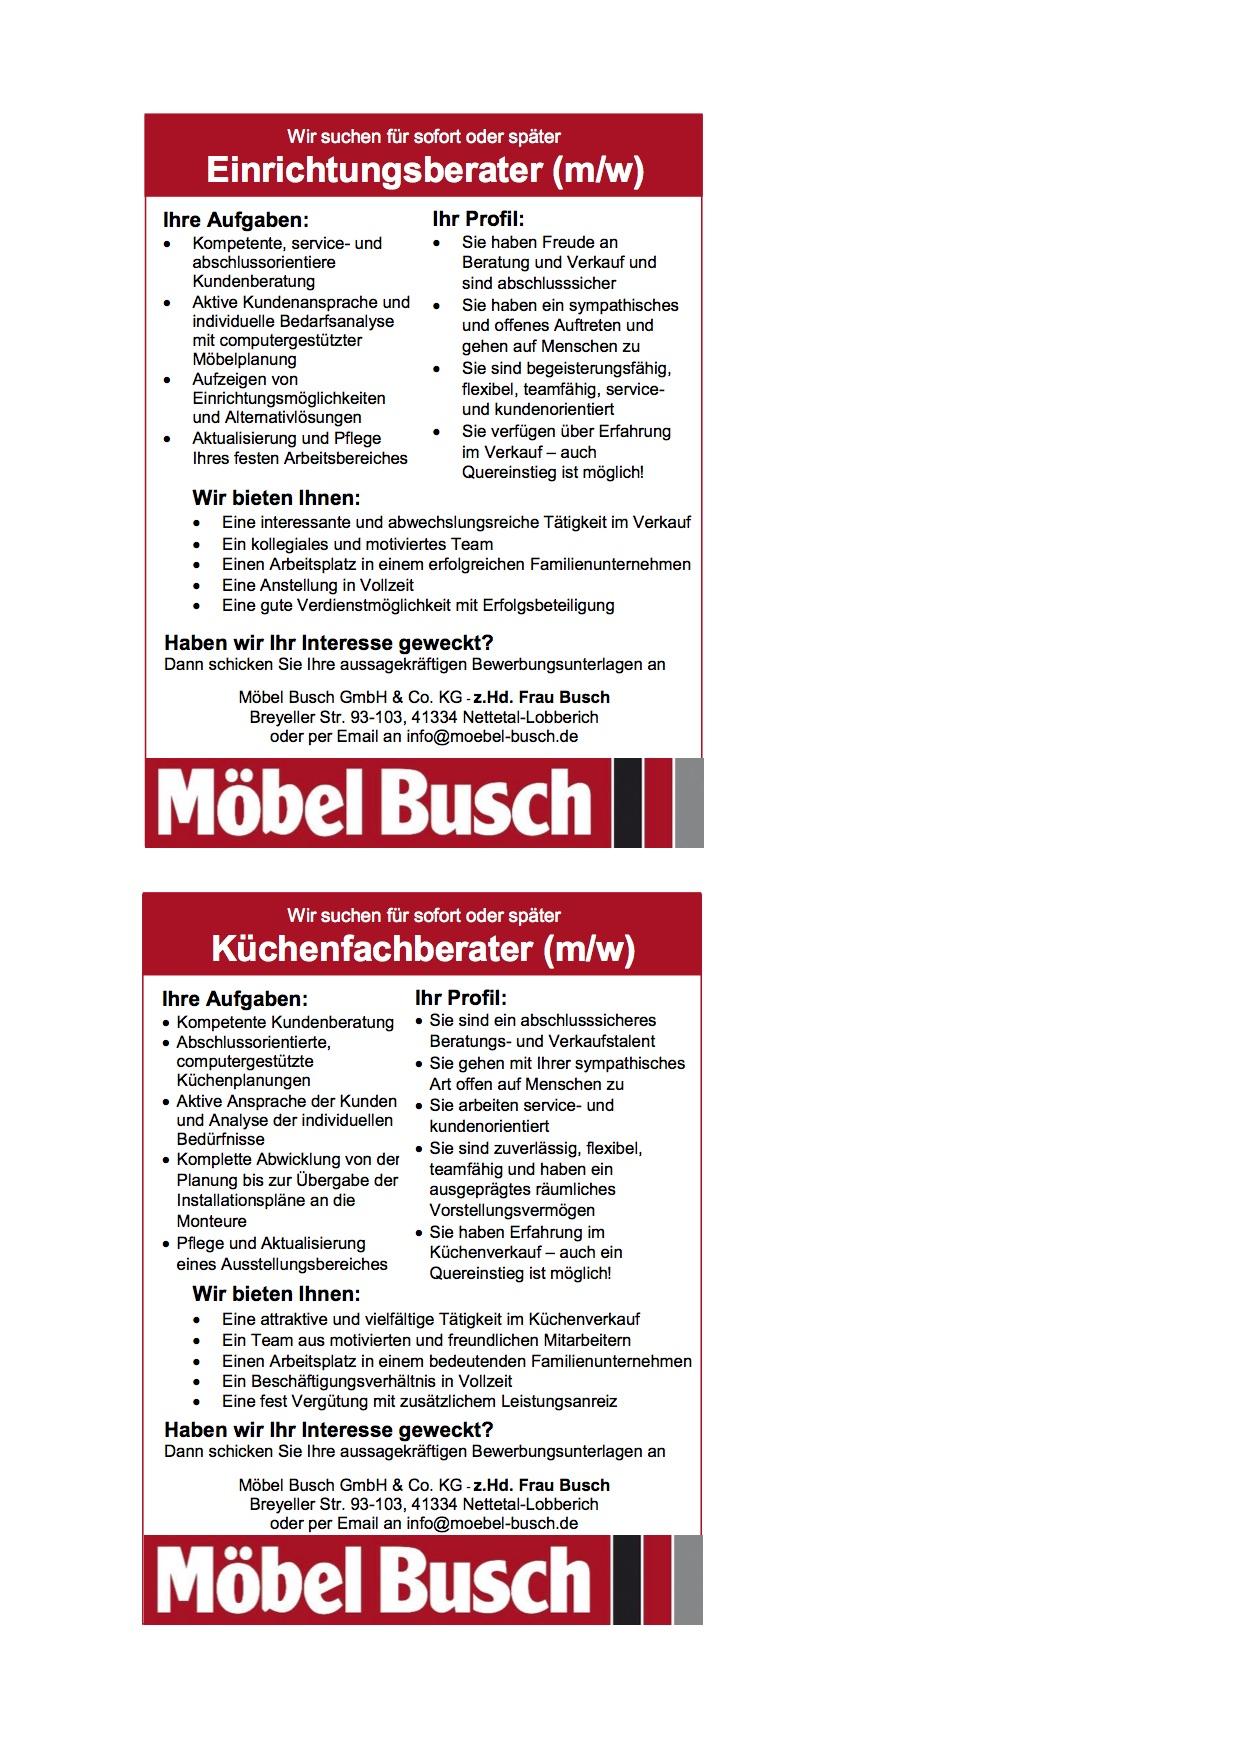 Einrichtungsberater Und Küchenfachberater Mw Möbel Busch Möfa